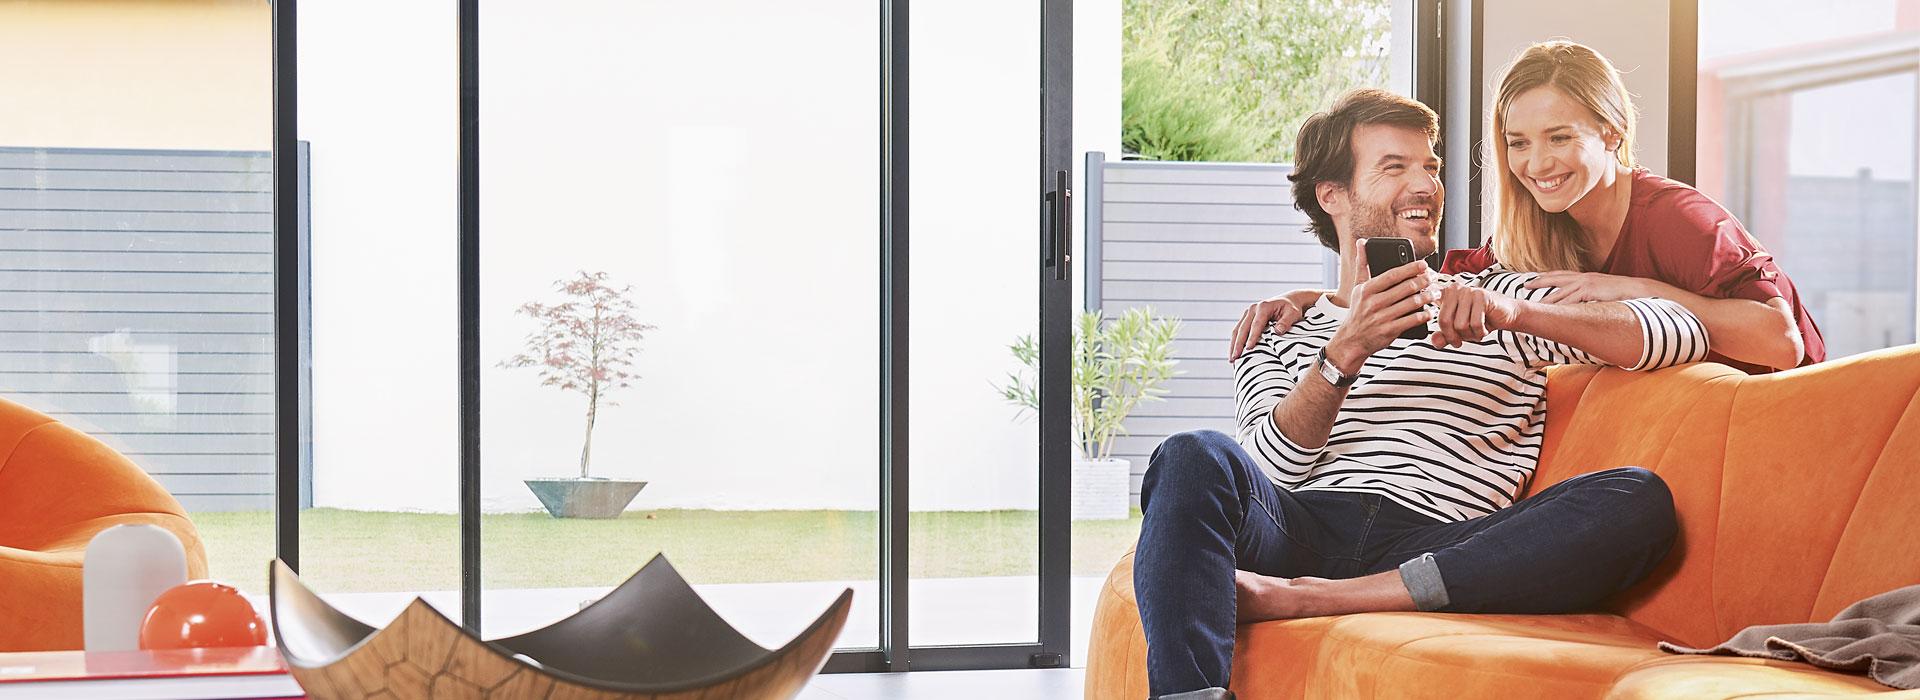 Conseils pour choisir votre fenêtre de salon avec Mon projet fenêtre K•LINE